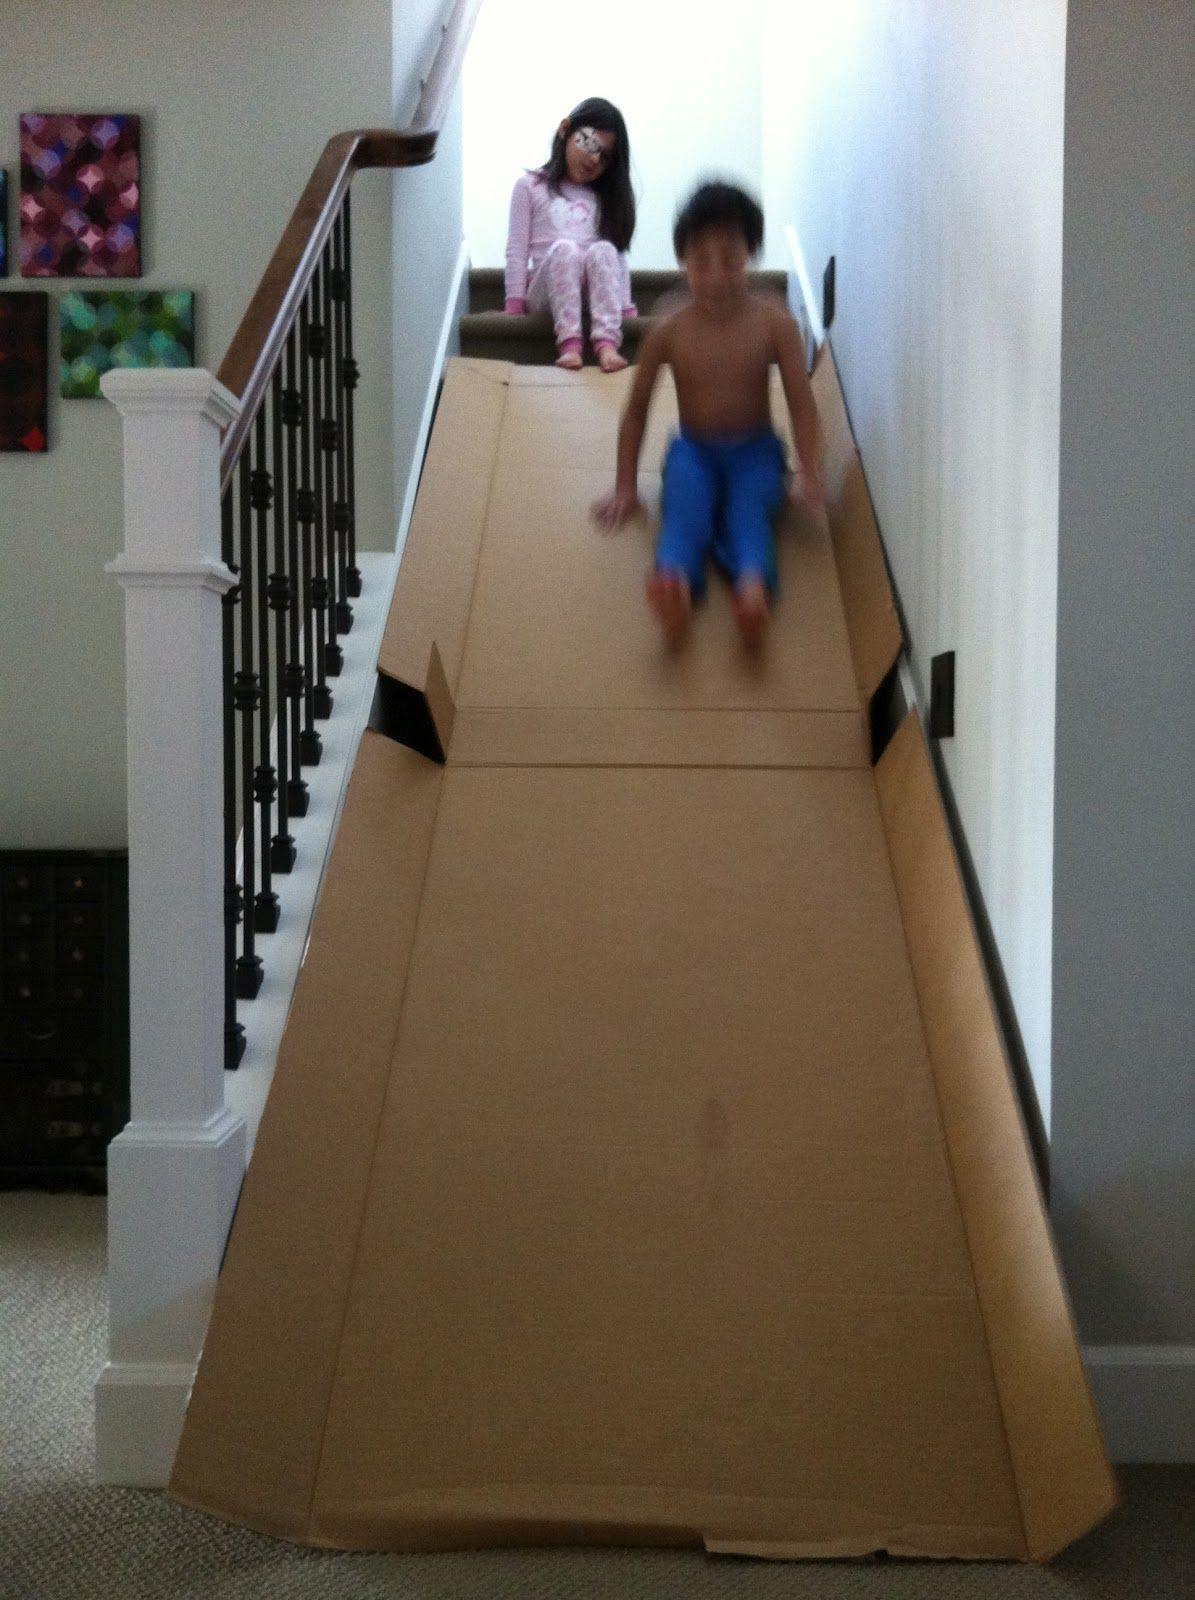 Cardboard Slide Stair Slide Diy Slides Diy For Kids